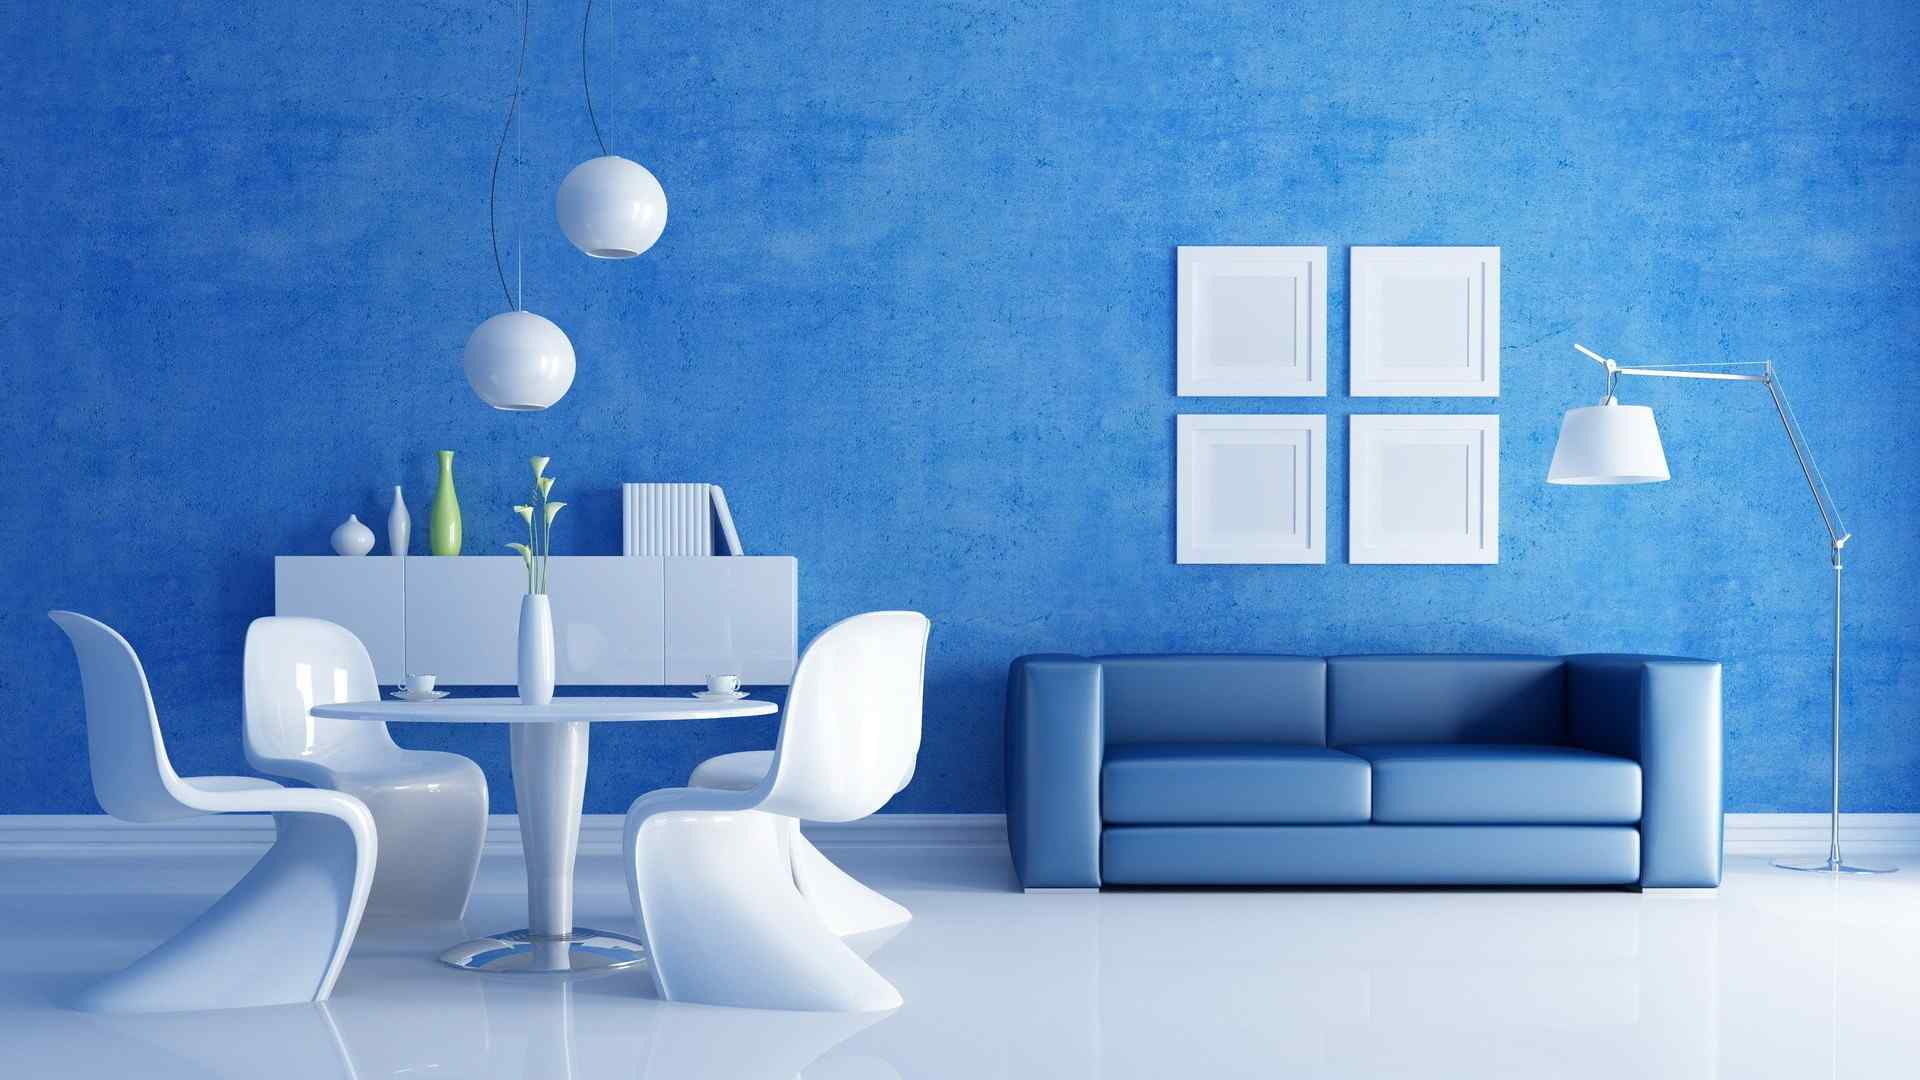 蓝色简约客厅家居壁纸